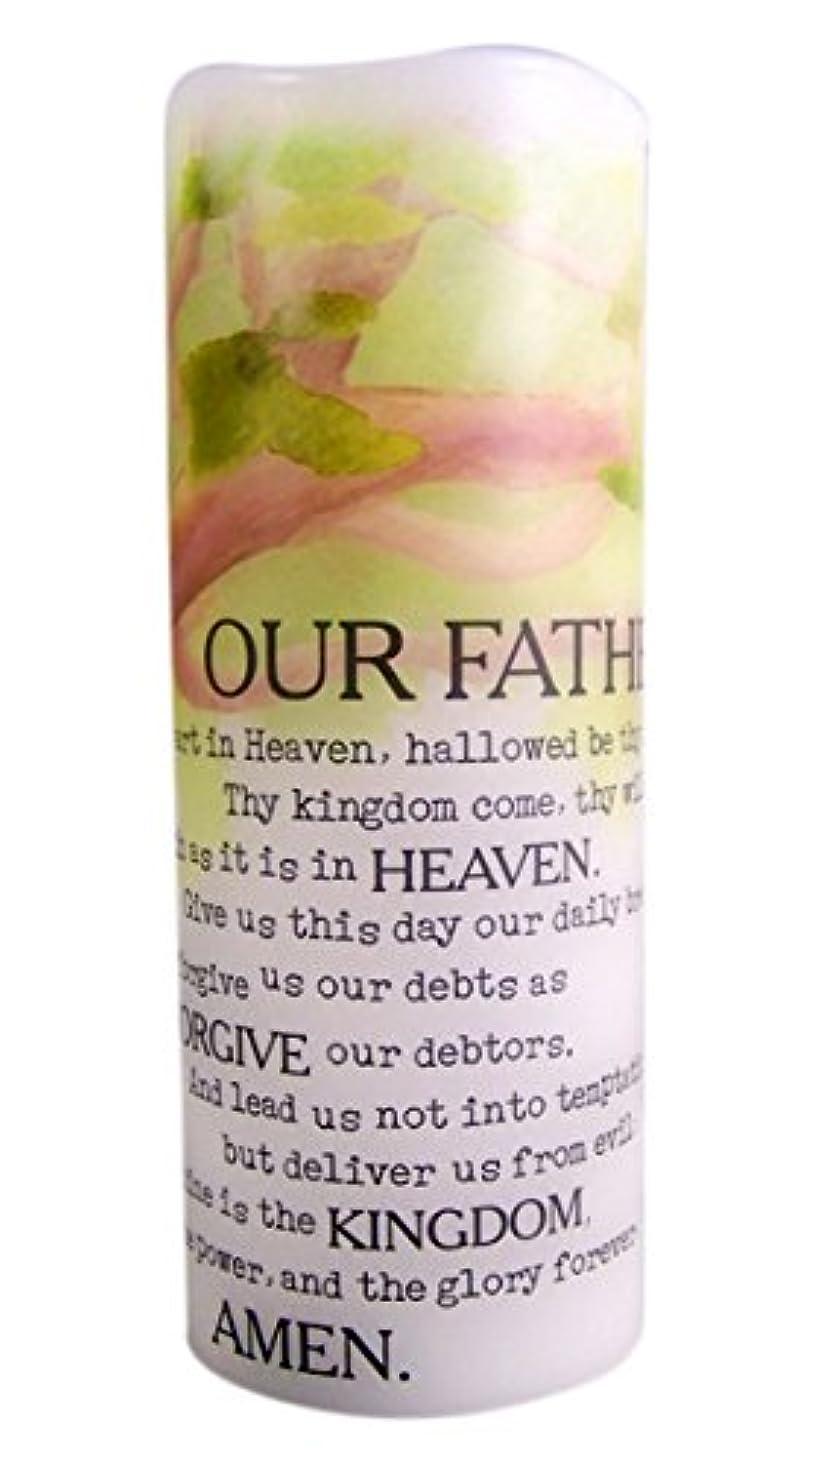 素敵な征服変位The Lord's Prayer Flamless Flicker Vanilla Scented Wax Candle with LED Light, 20cm